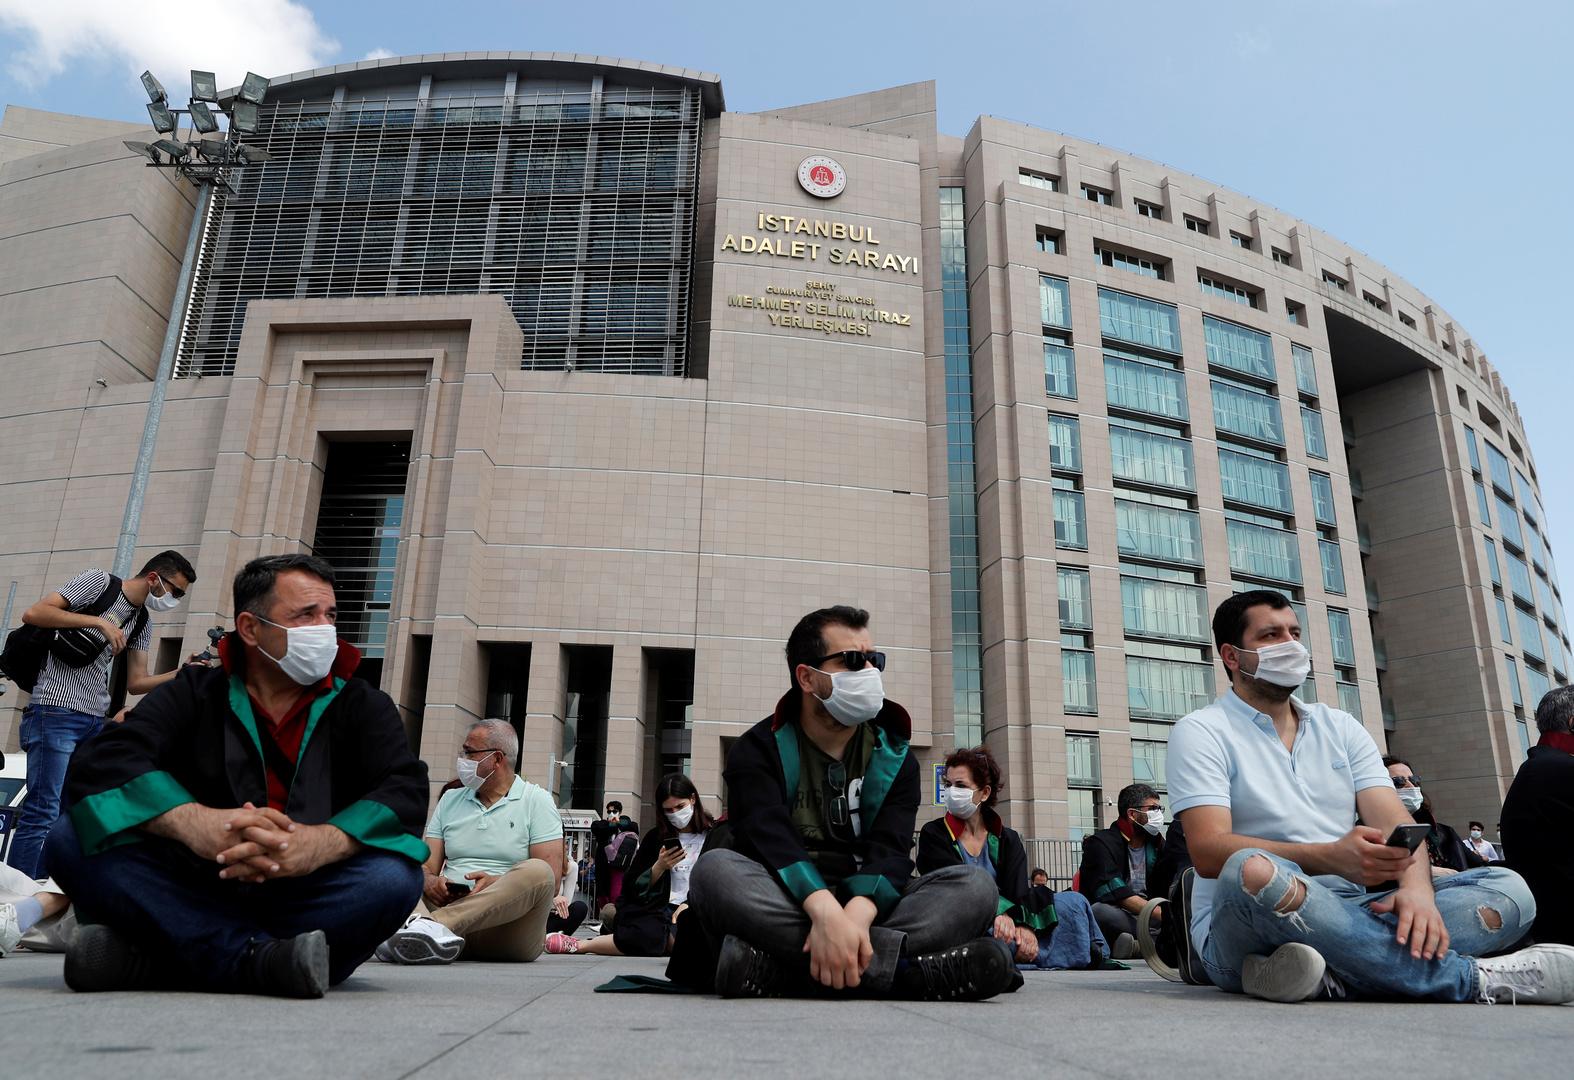 الشرطة التركية توقف مسيرة محامين يحتجون على مشروع قانون نقابي